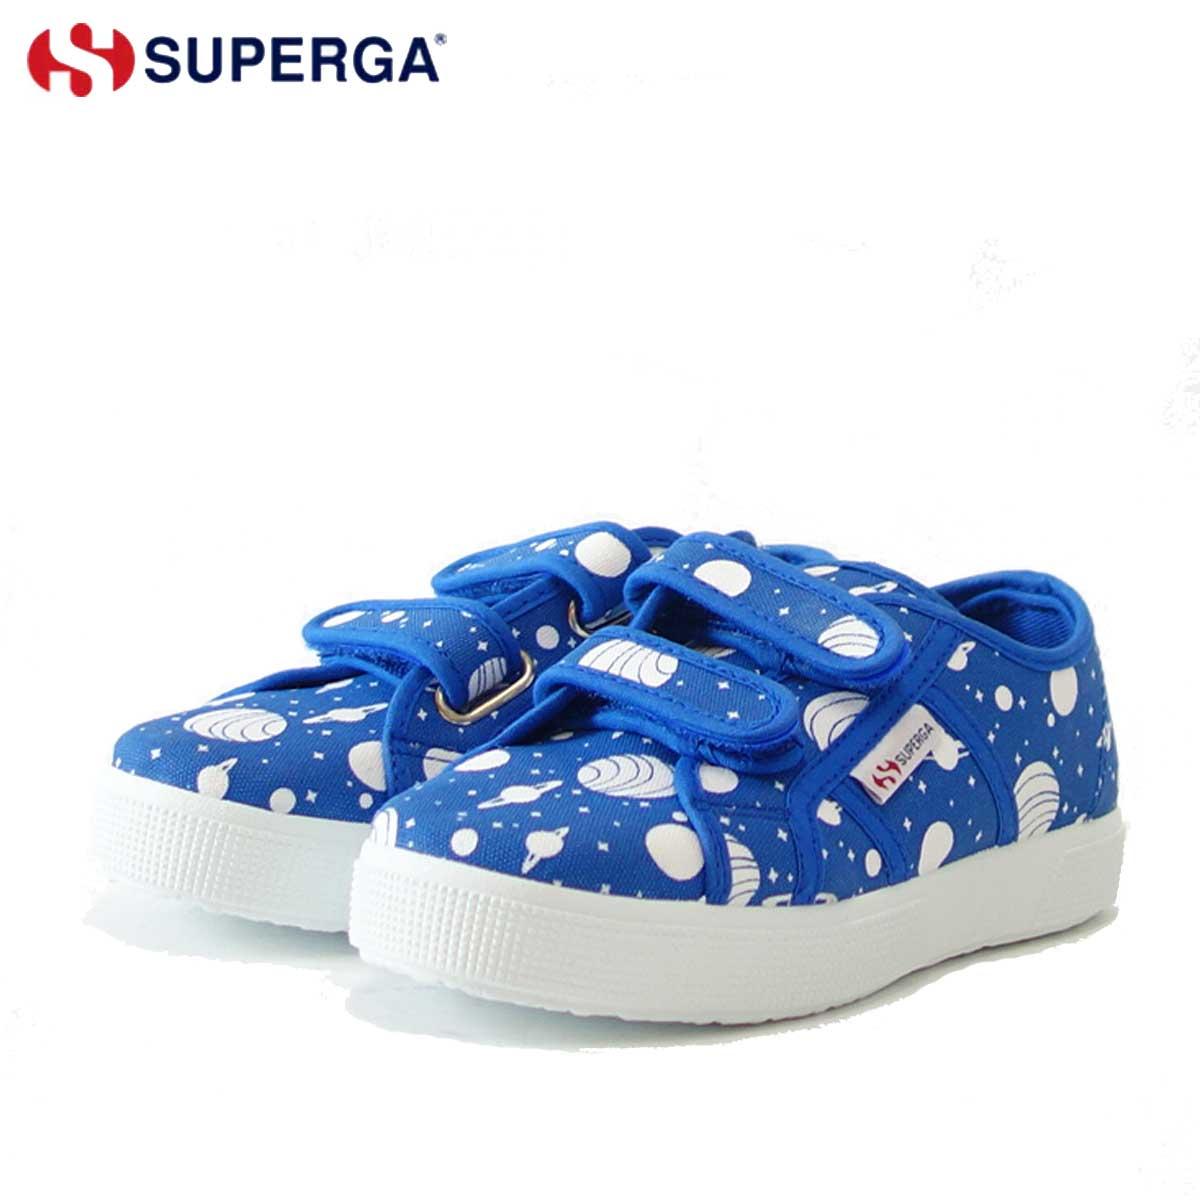 スペルガ SUPERGA 2750-FANCOTSTRAPJ TORCHIETTO(キッズ)Space Royal-White (S00GYE0) ナチュラルなキャンバススニーカー 「靴」